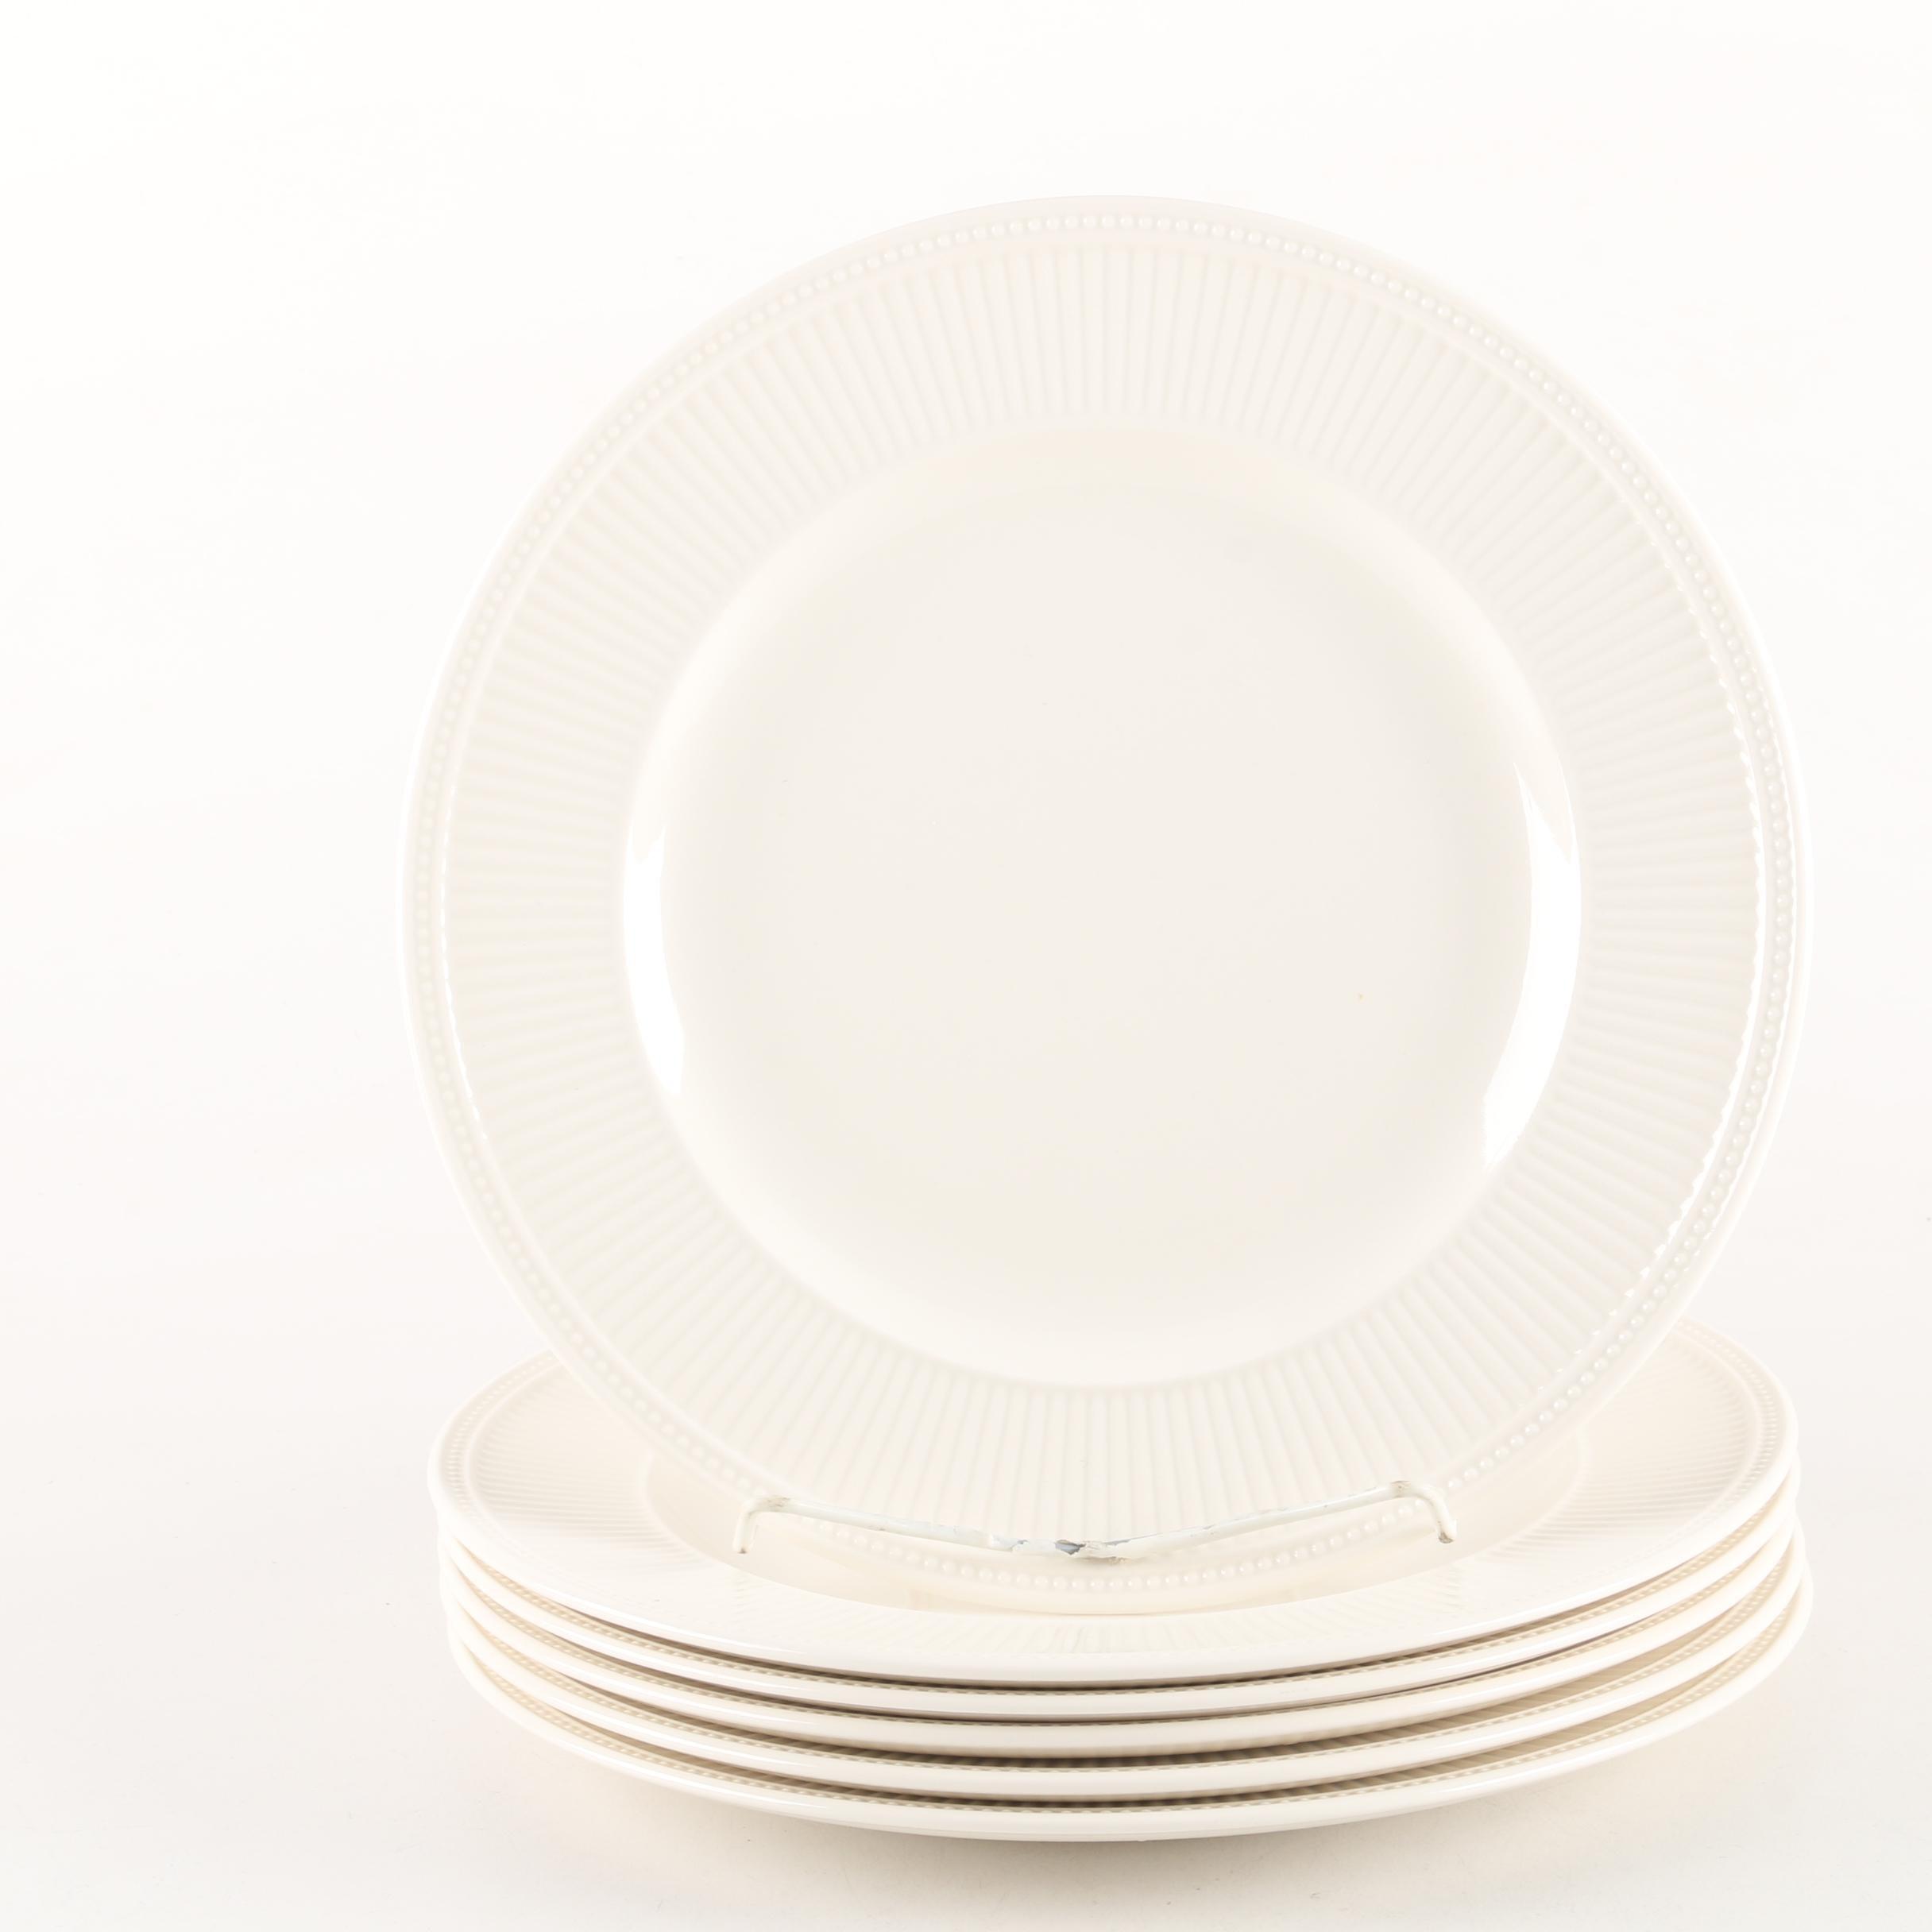 Wedgwood u0027Windsoru0027 Dinner Plates ...  sc 1 st  EBTH.com & Wedgwood u0027Windsoru0027 Dinner Plates : EBTH